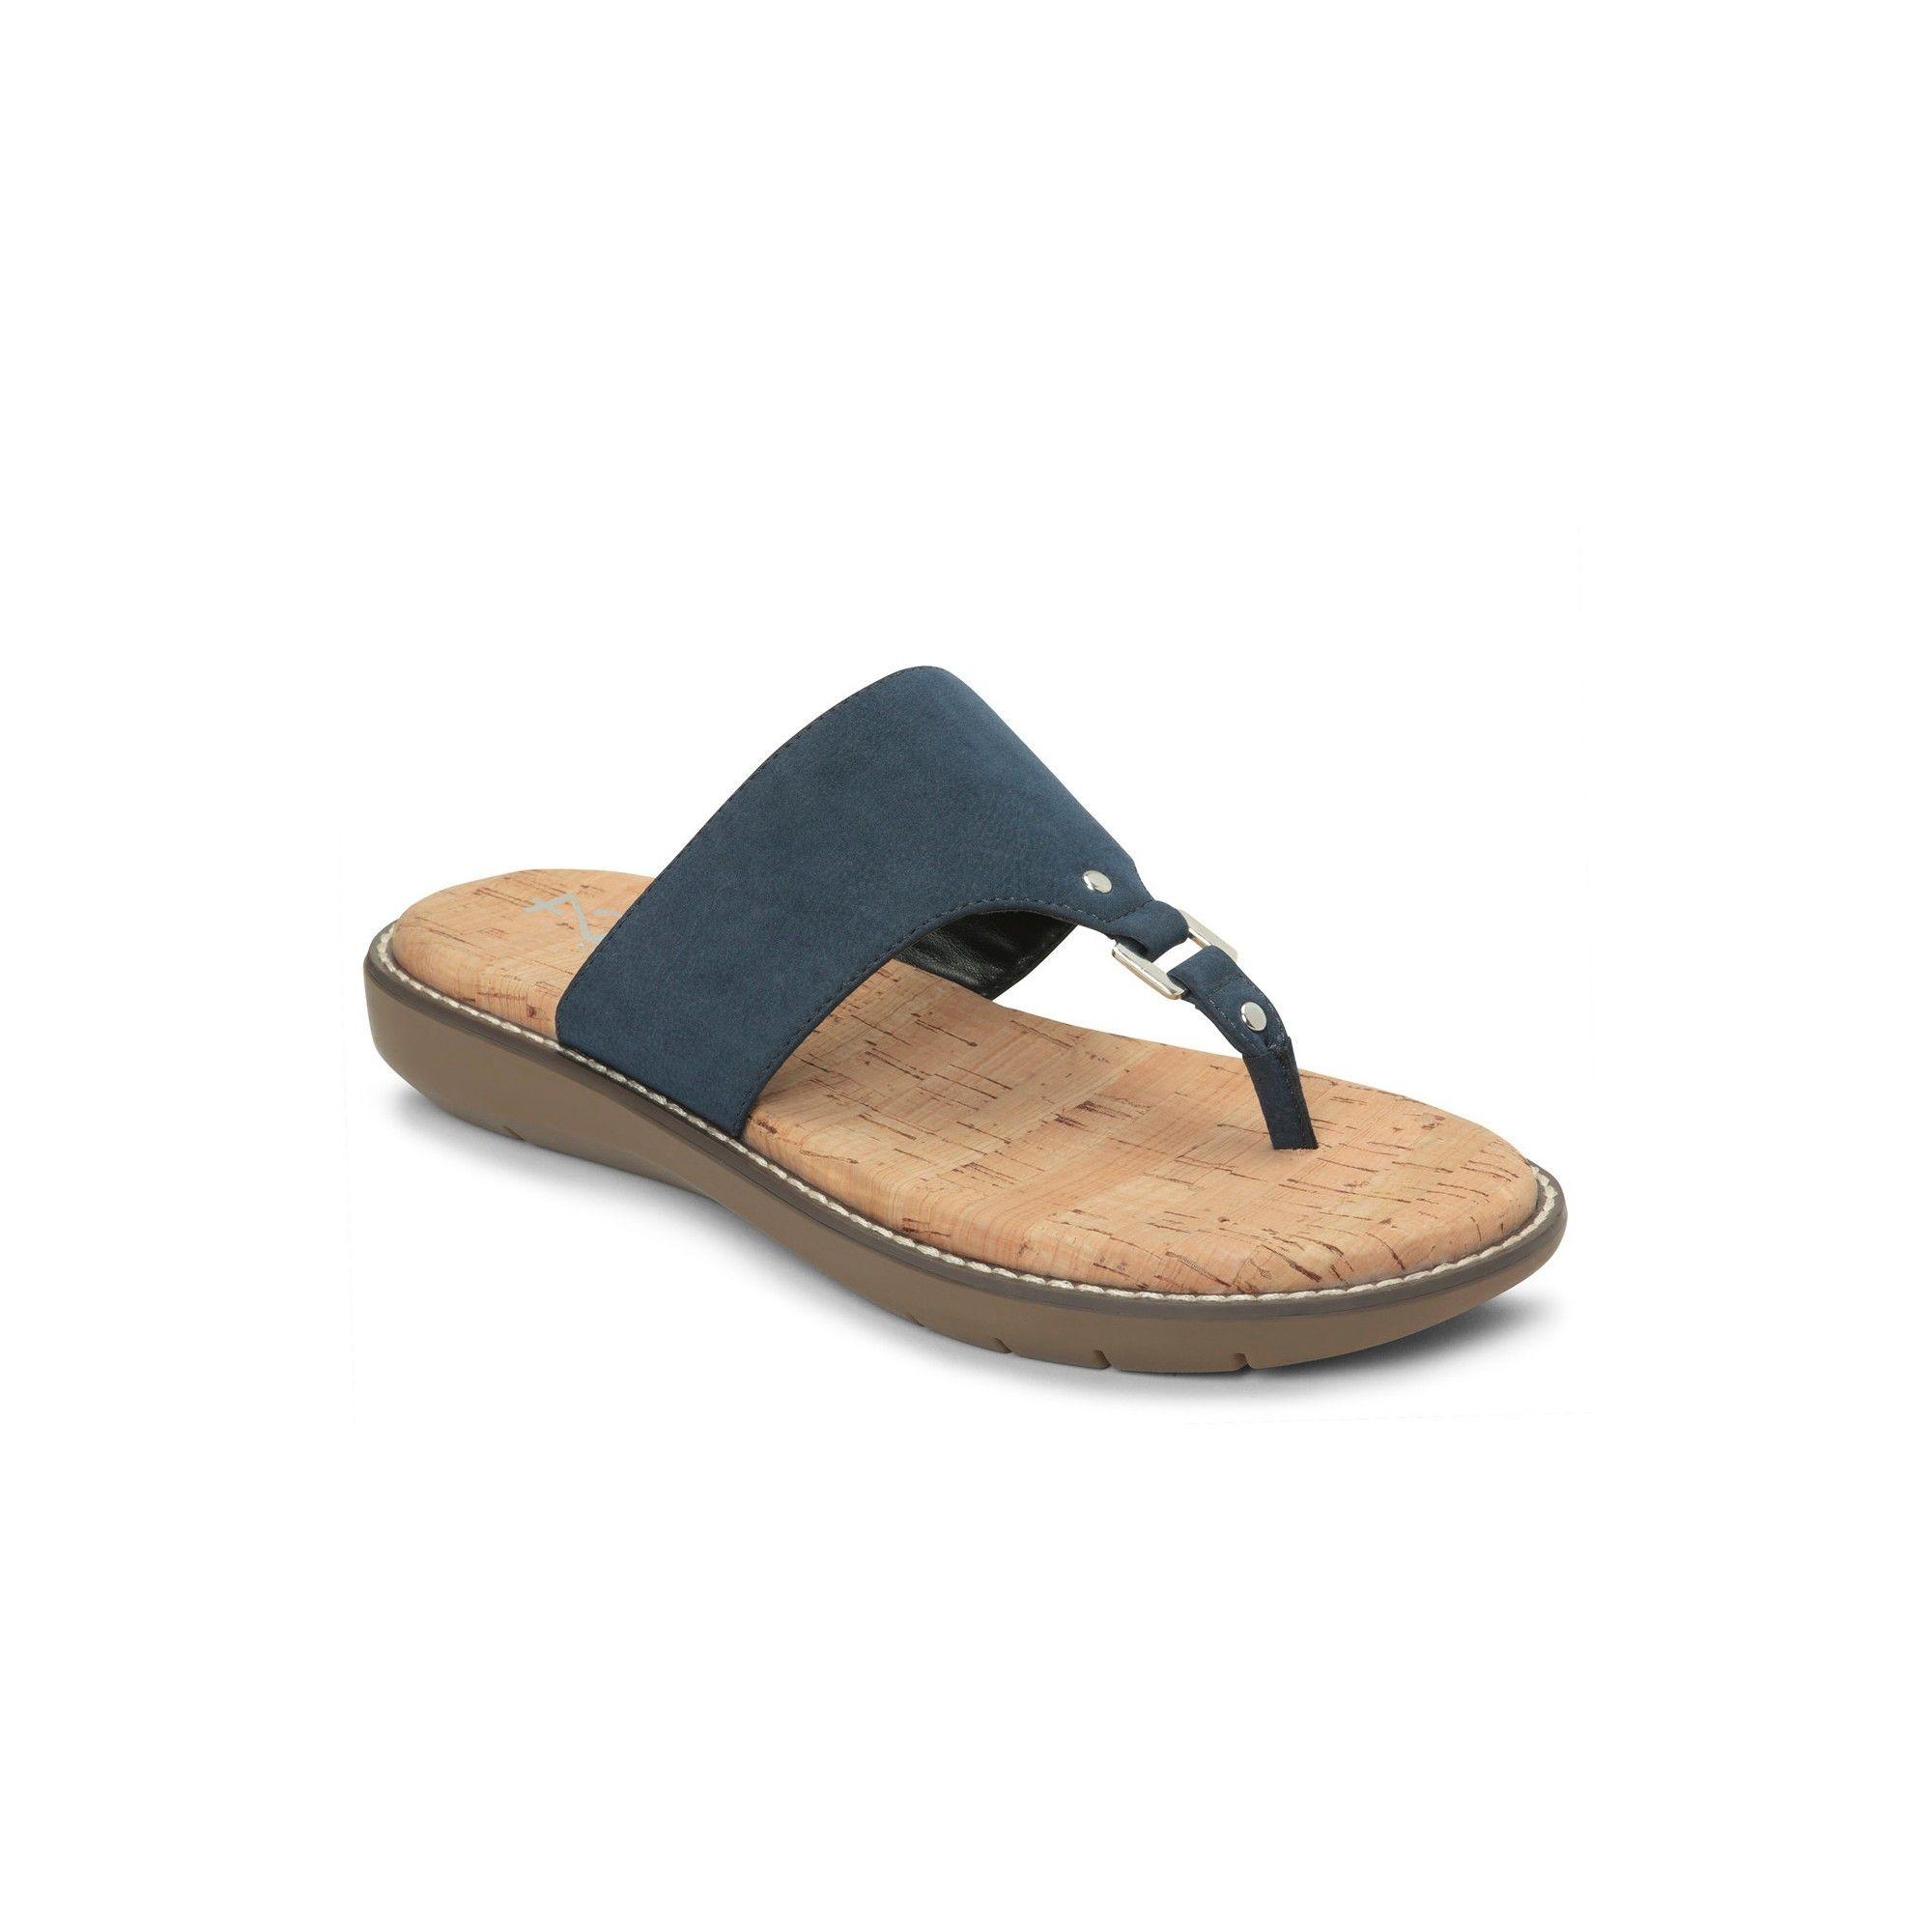 Women S A2 By Aerosoles Cool Cat Wide Width Slide Sandals Navy Blue 7 5